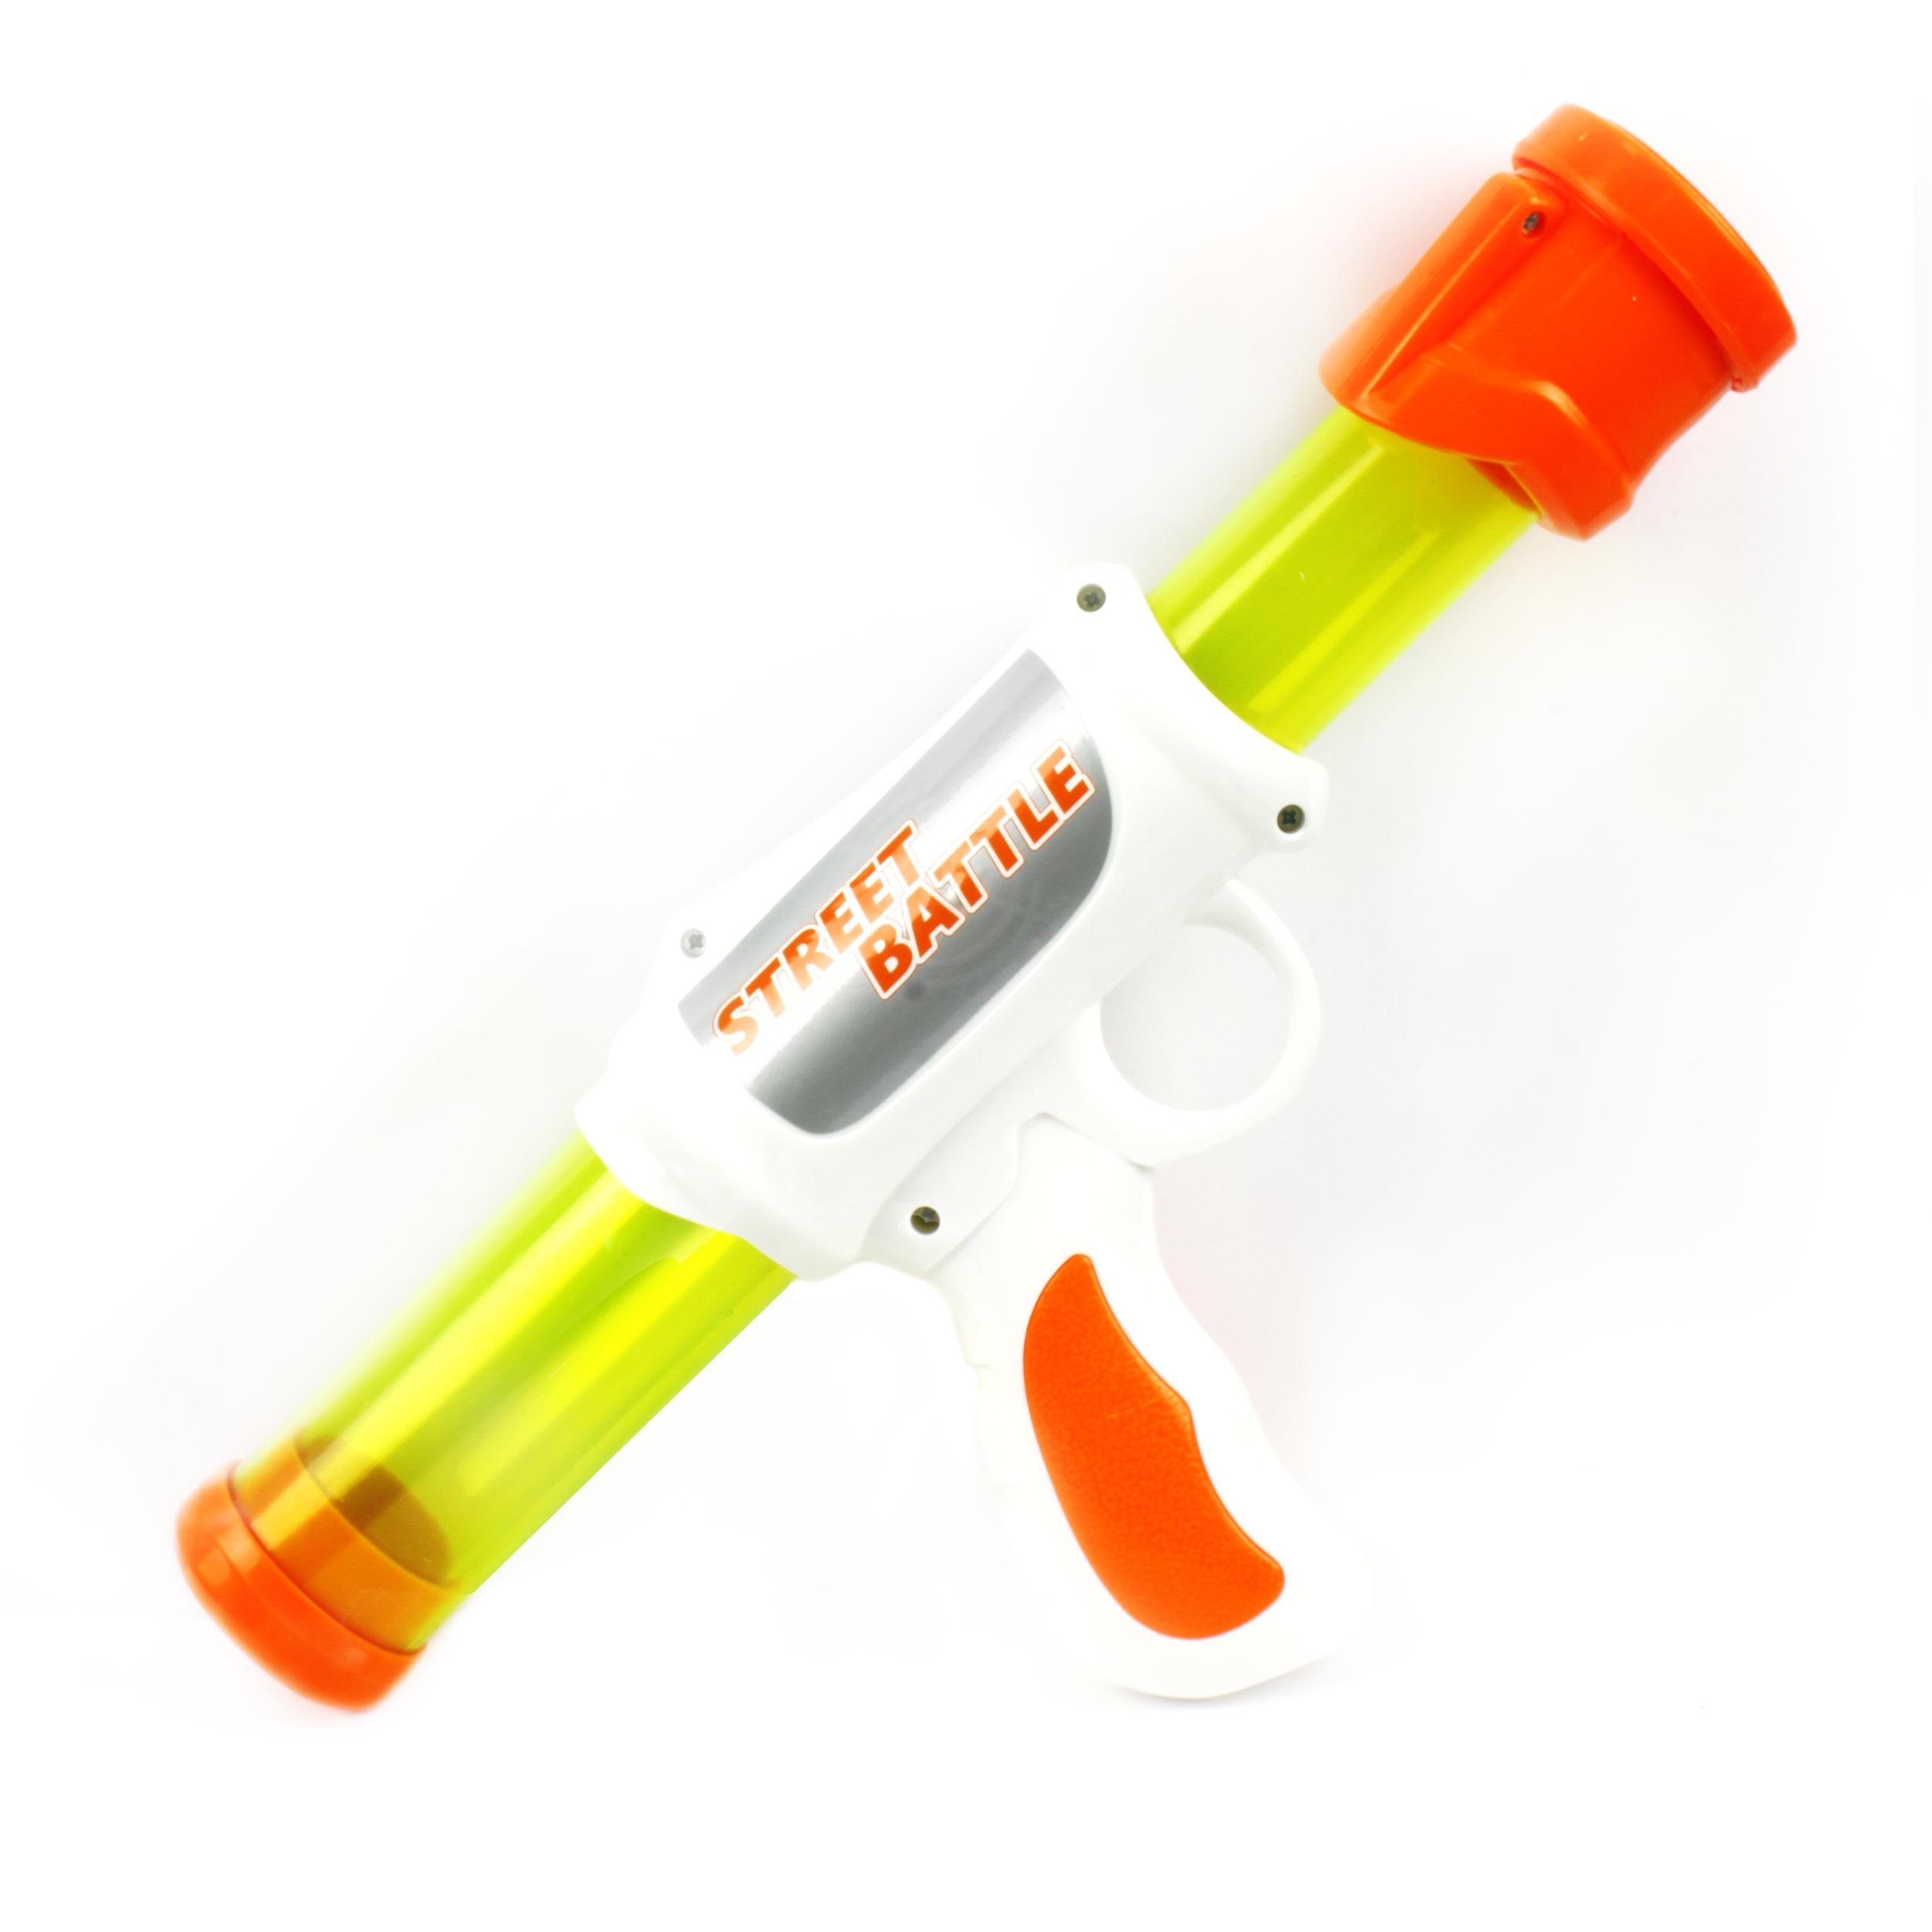 Купить Пистолеты и ружья, Street Battle, 1toy, Китай, желтый, красный, Мужской